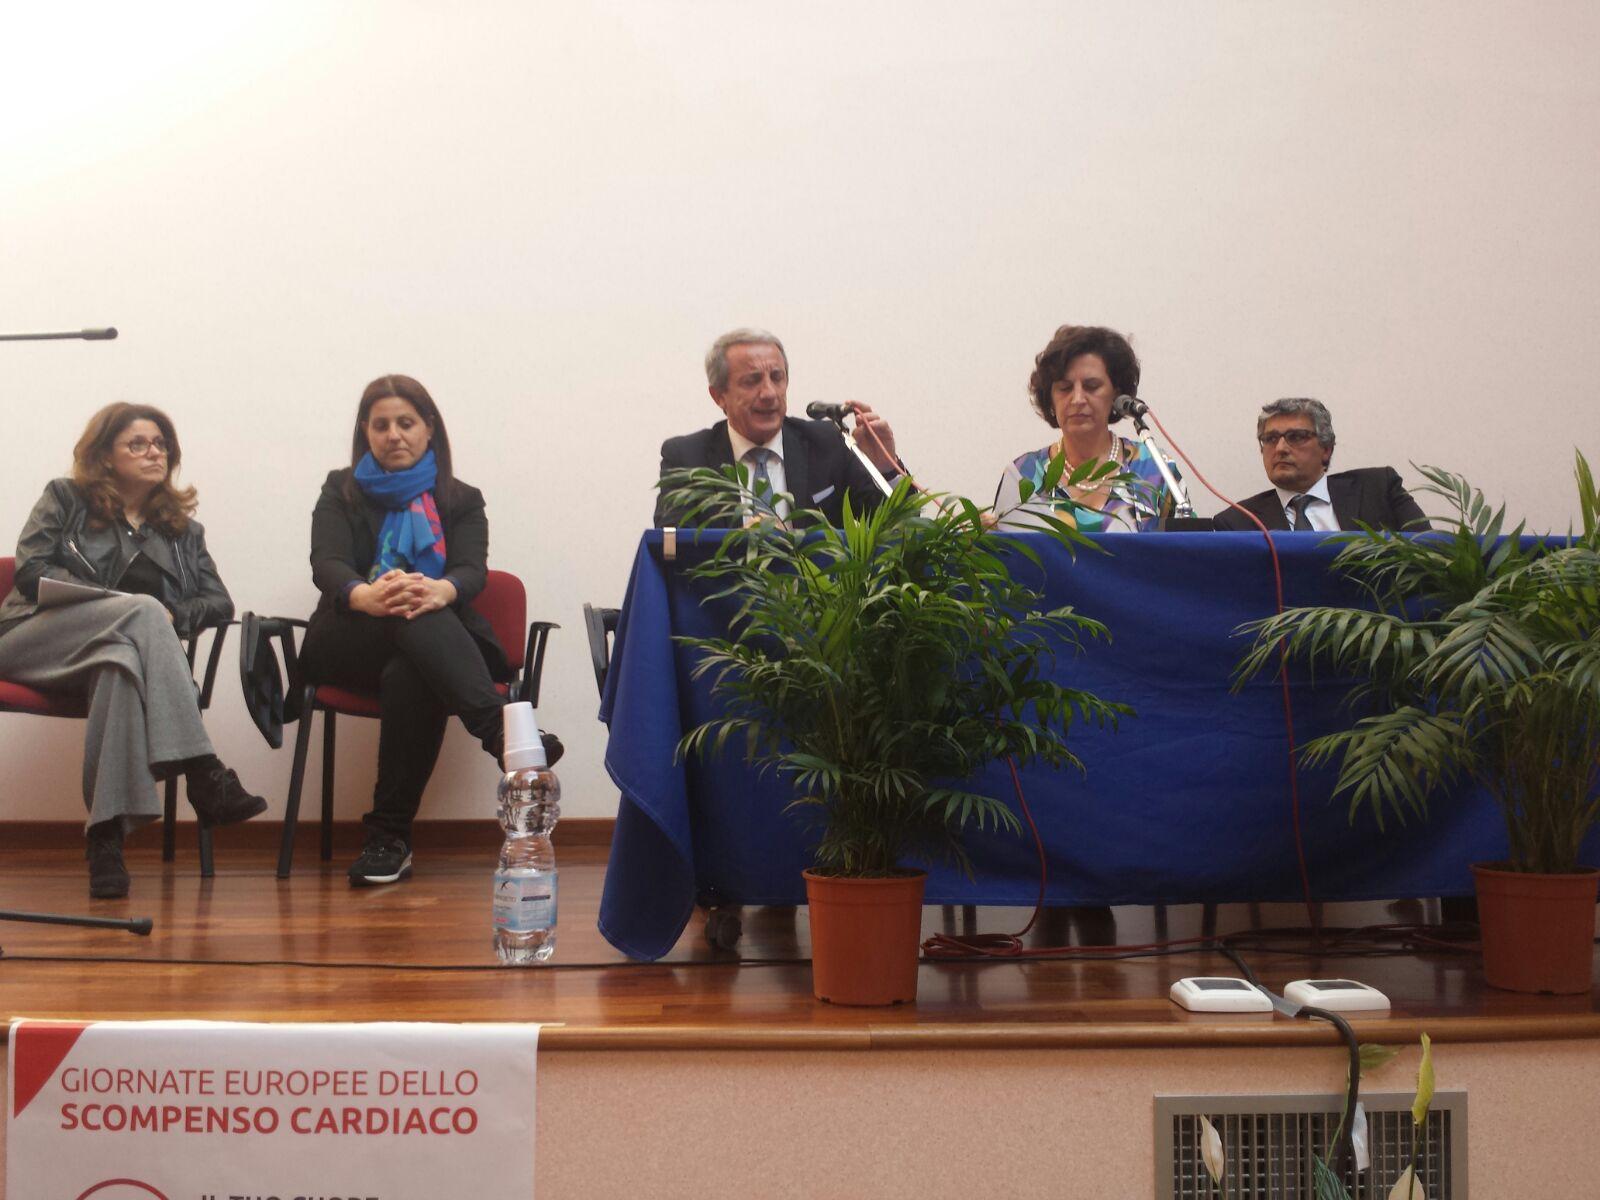 Giornate europee sullo scompenso cardiaco: gli incontri a Mazara